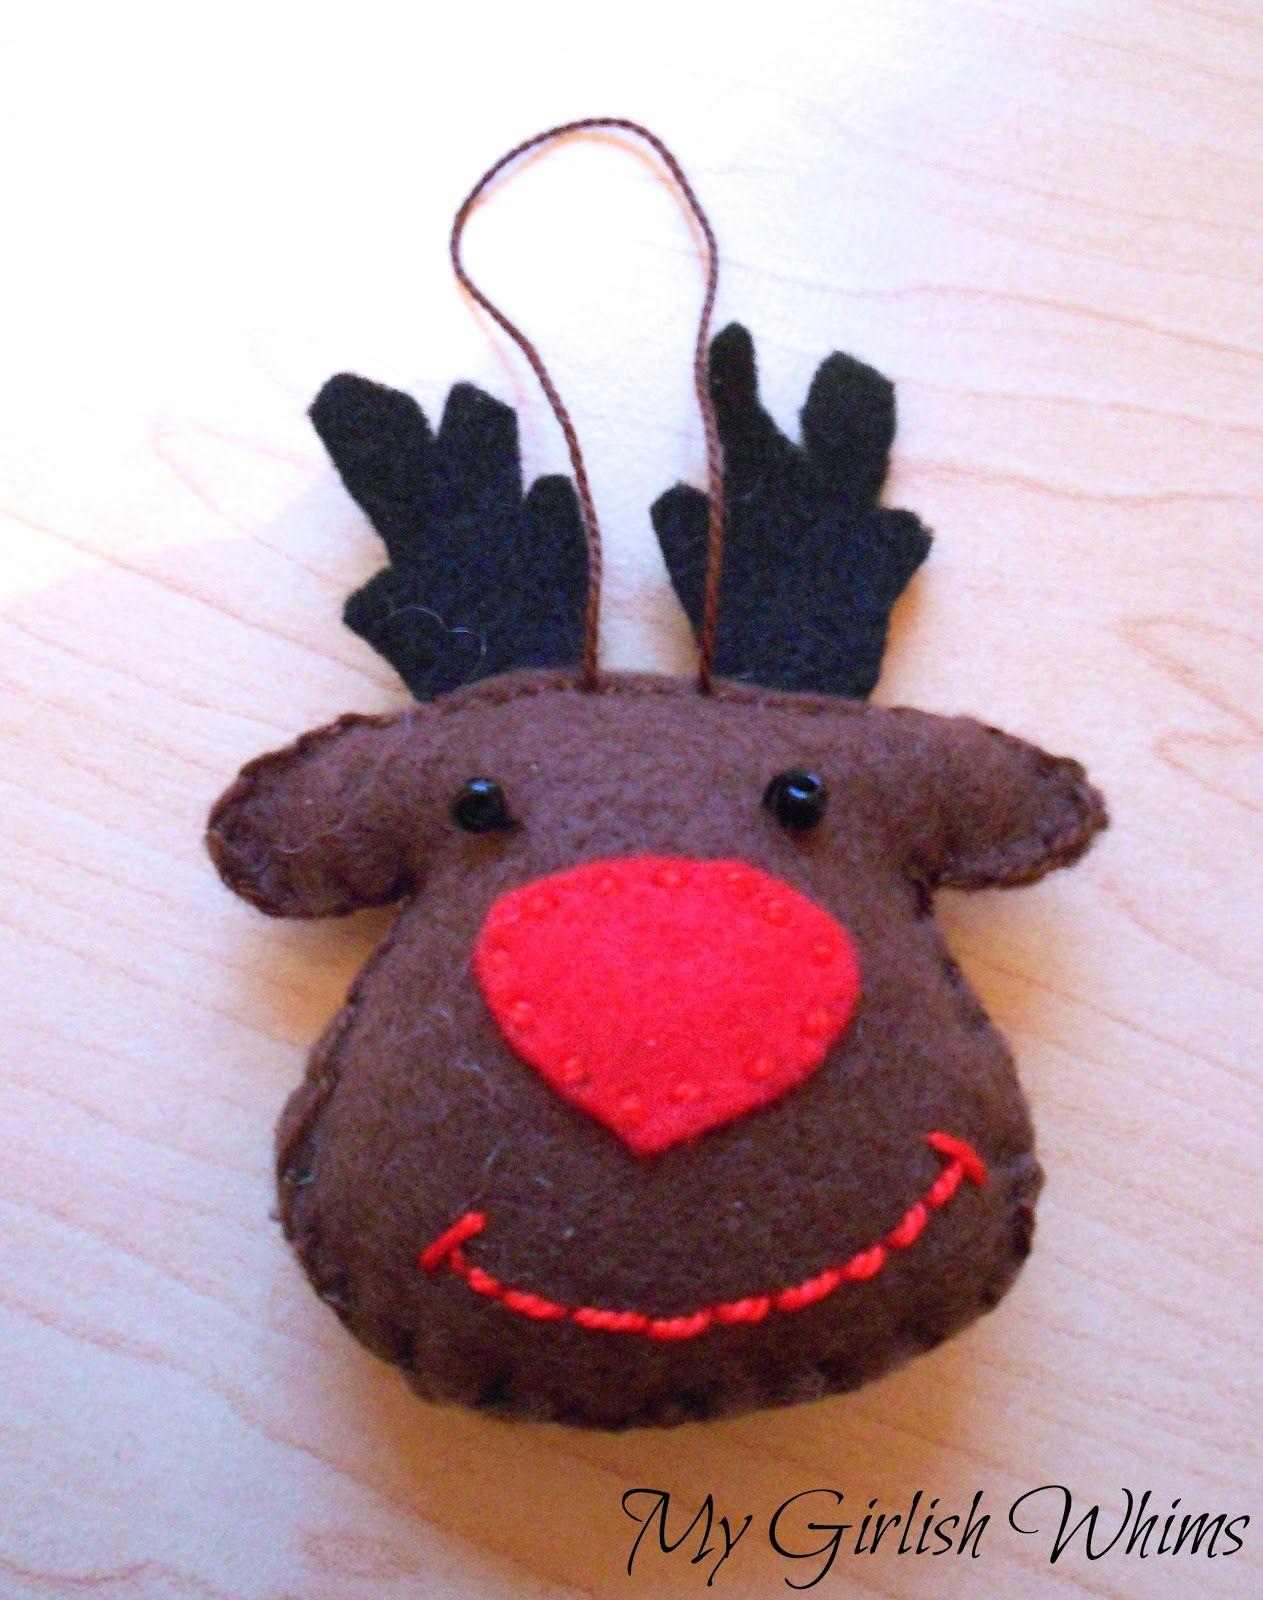 Felt Reindeer Ornament My Girlish Whims Reindeer Ornaments Felt Crafts Christmas Christmas Crafty